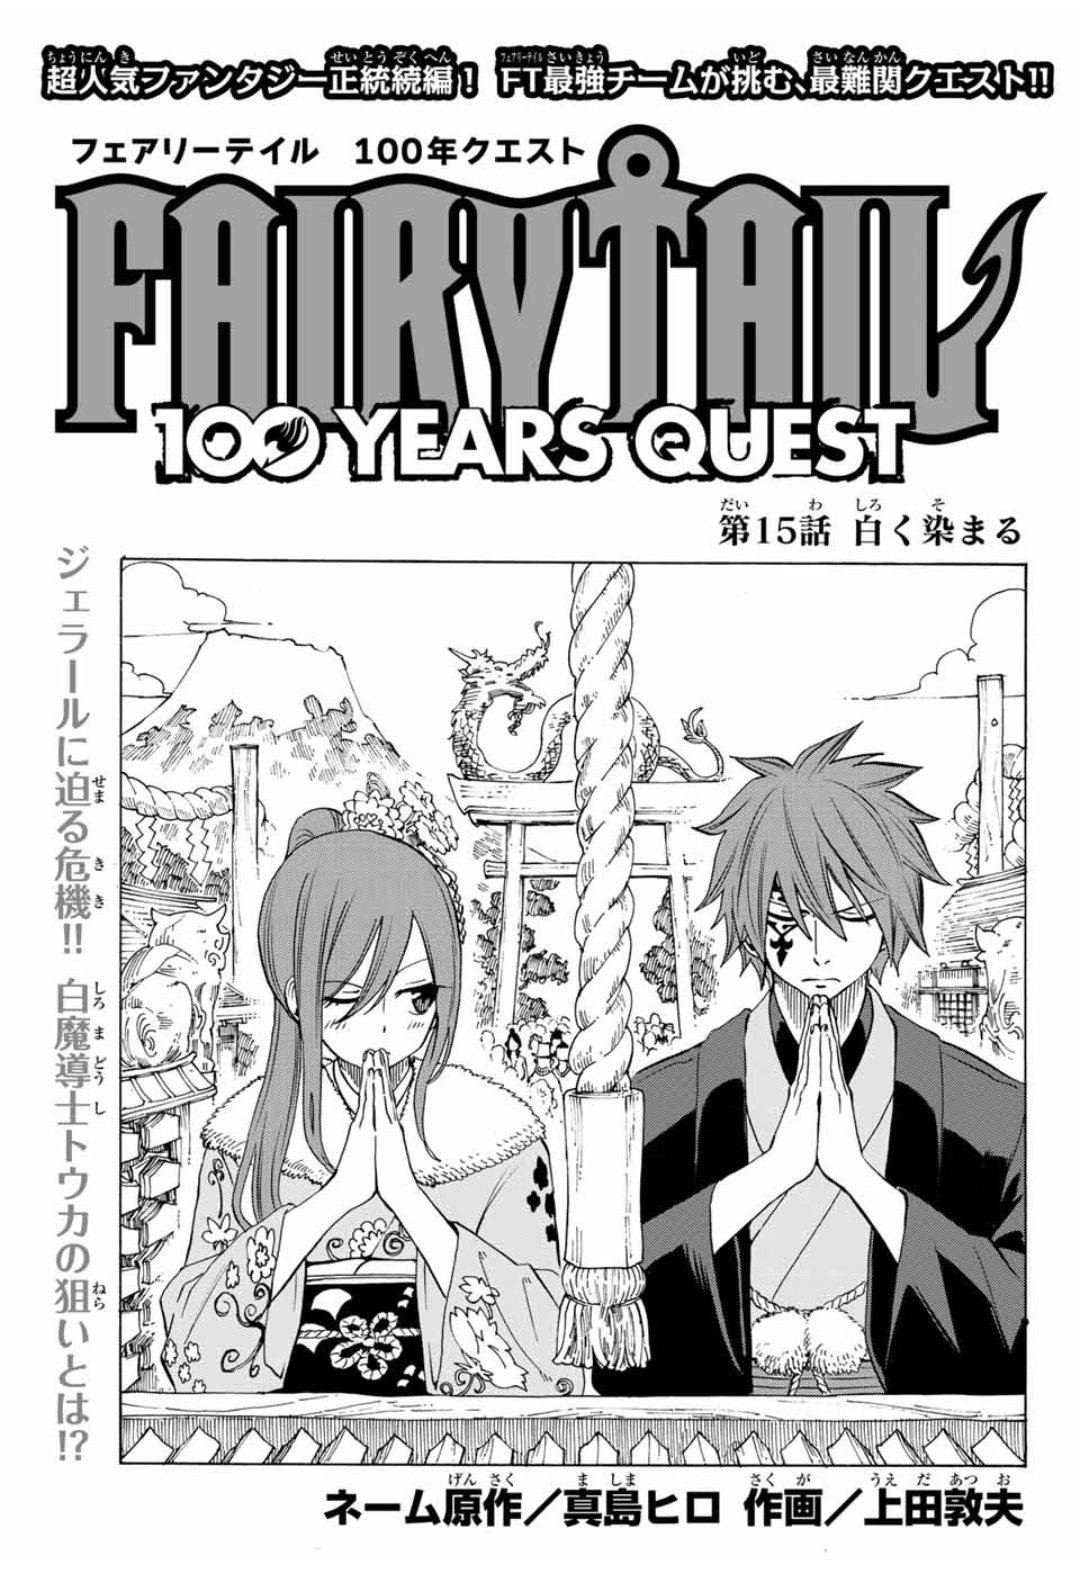 100 年 テイル アニメ フェアリー クエスト 「100年クエスト」に関するQ&A